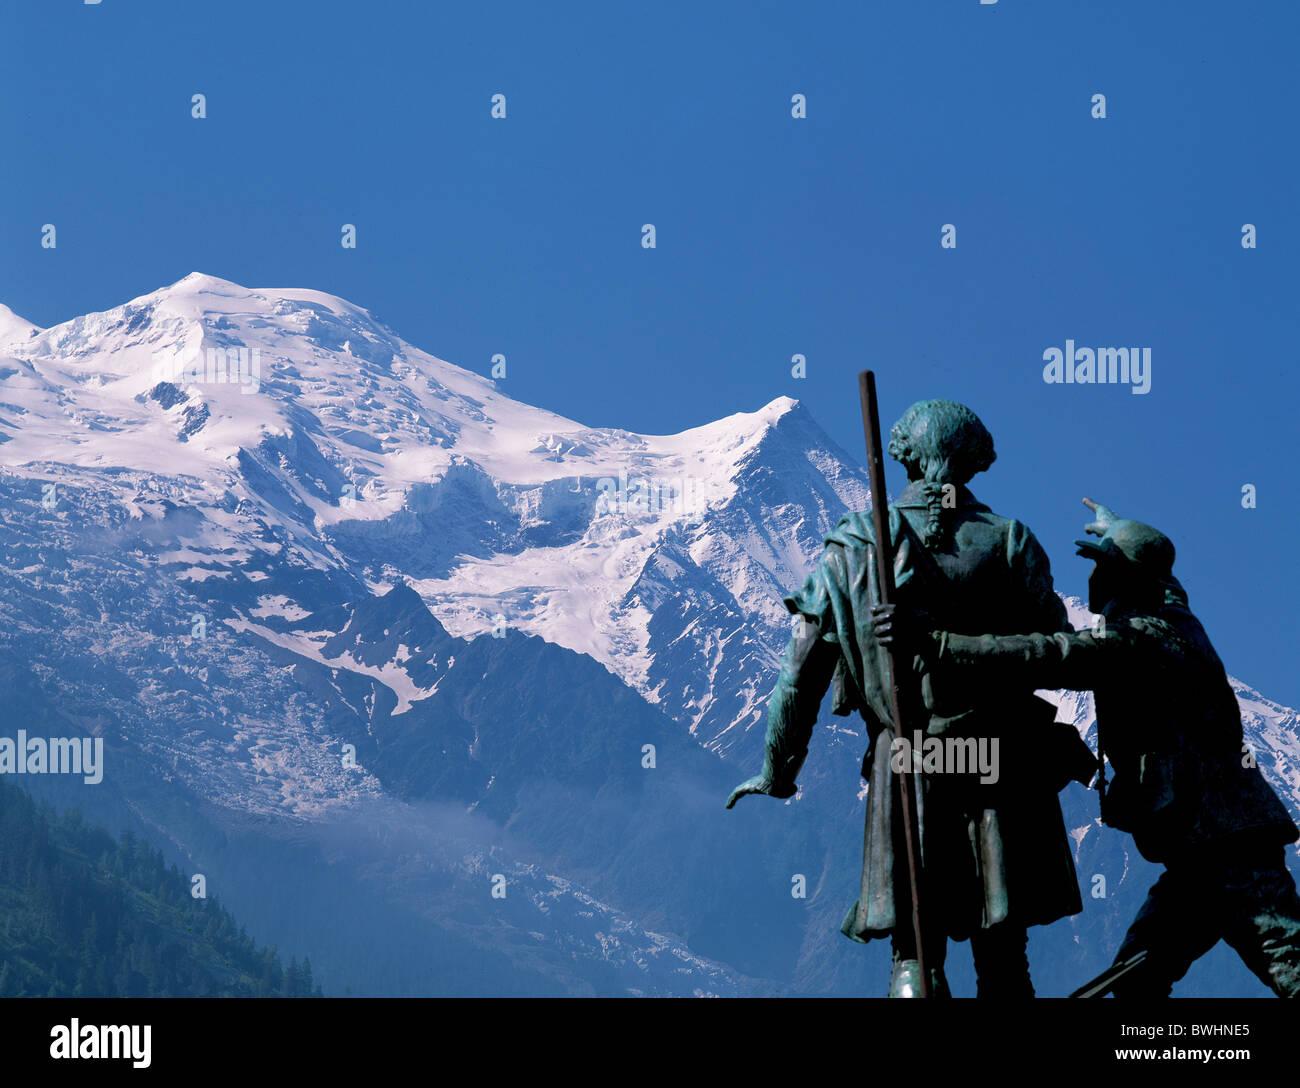 France Europe Chamonix Montblanc Horace-Benedict de Saussure monument sculpture mountains alps - Stock Image